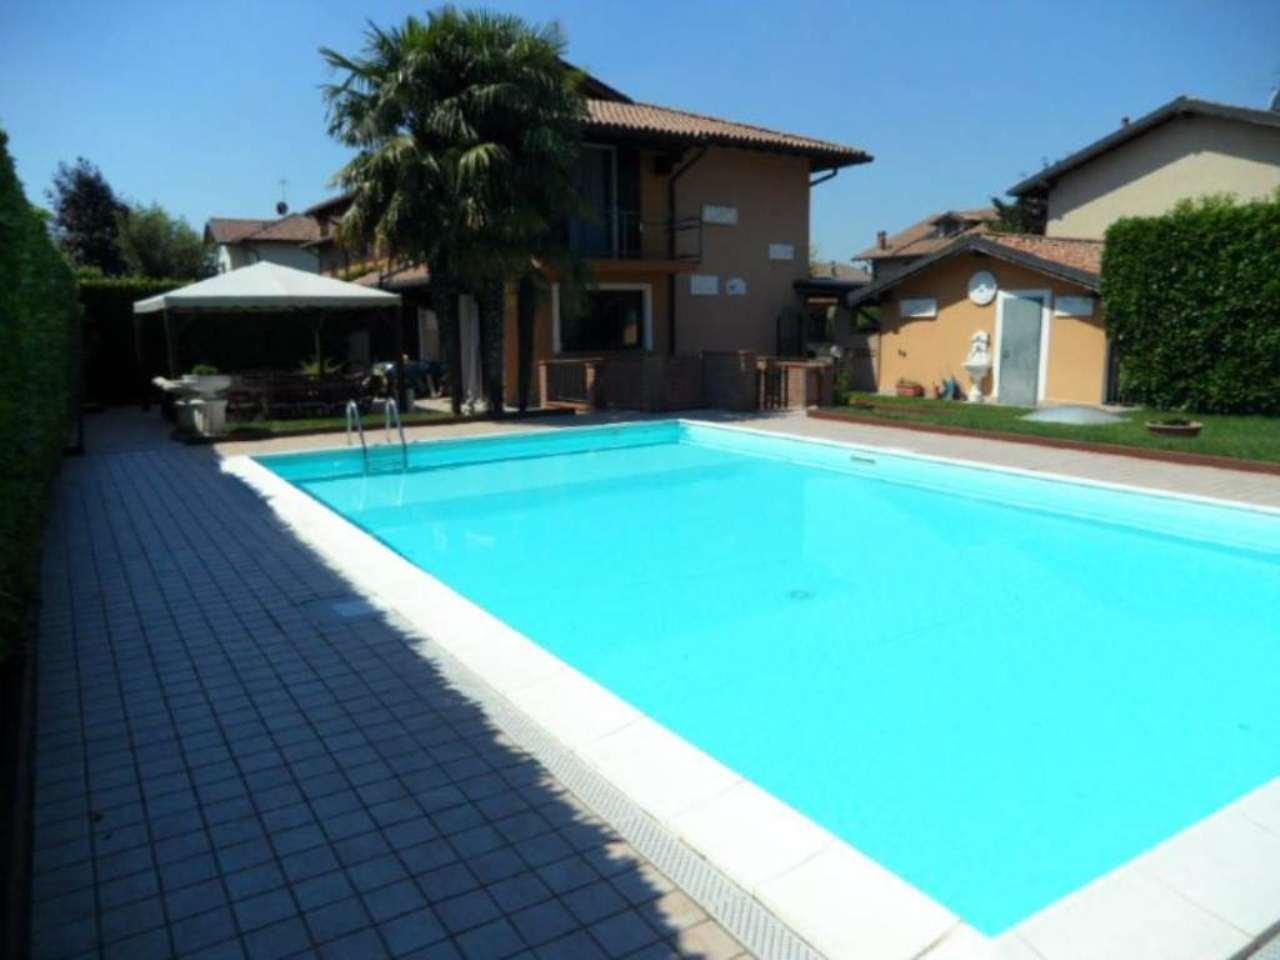 Villa Bifamiliare in vendita a San Paolo d'Argon, 4 locali, prezzo € 360.000   Cambio Casa.it